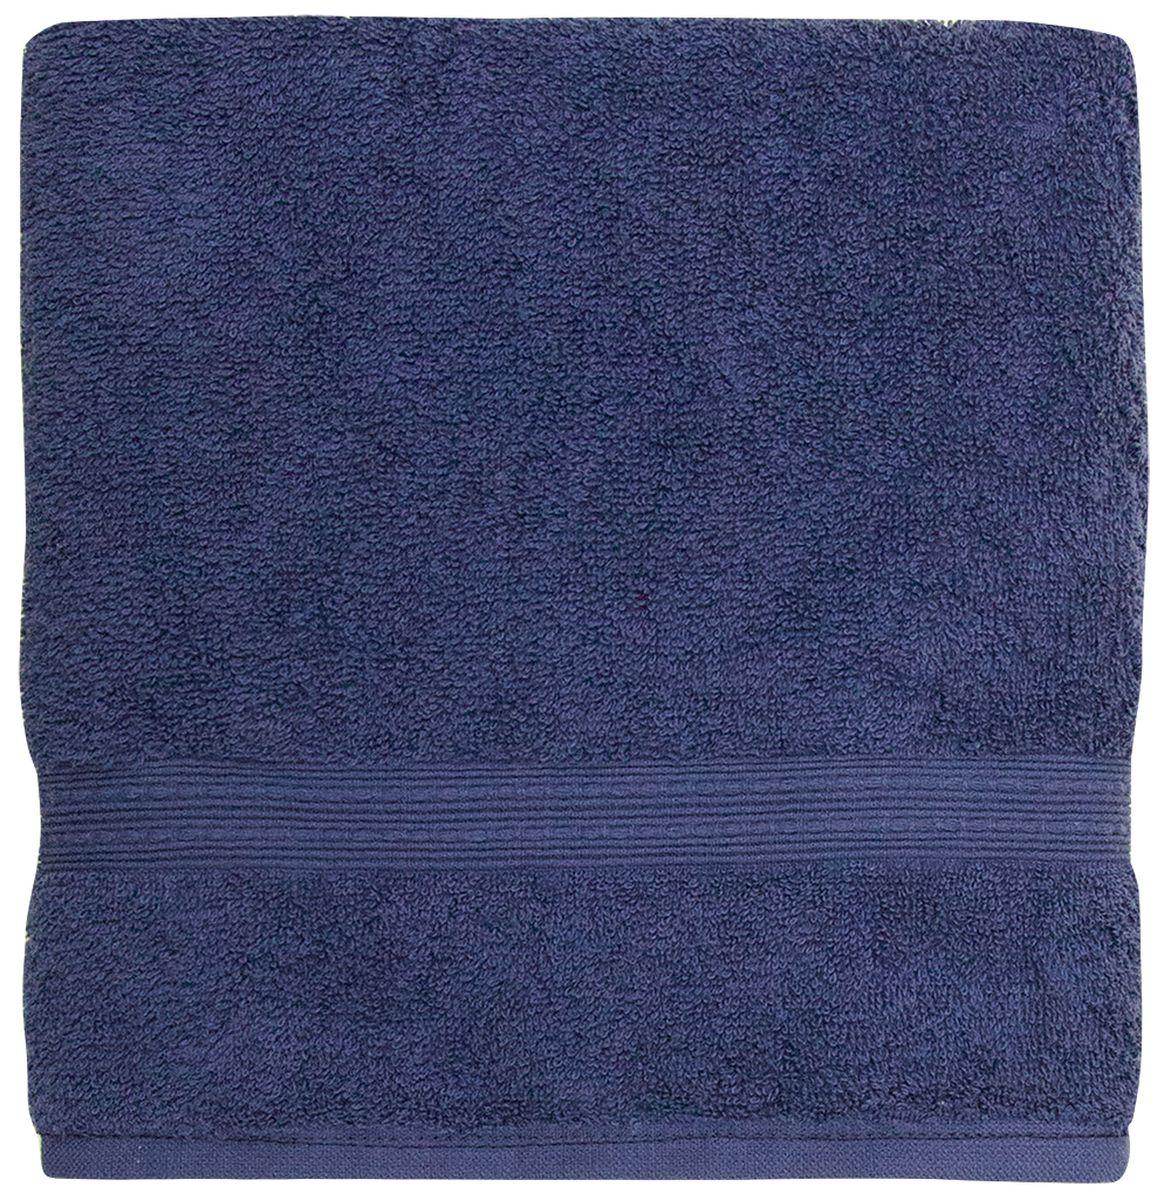 Полотенце банное Bonita Classic, цвет: сапфир, 50 x 90 см68/5/4Банное полотенце Bonita Classic выполнено из 100% хлопка. Изделие отлично впитывает влагу, быстро сохнет, сохраняет яркость цвета и не теряет форму даже после многократных стирок. Такое полотенце очень практично и неприхотливо в уходе. Оно создаст прекрасное настроение и украсит интерьер в ванной комнате.